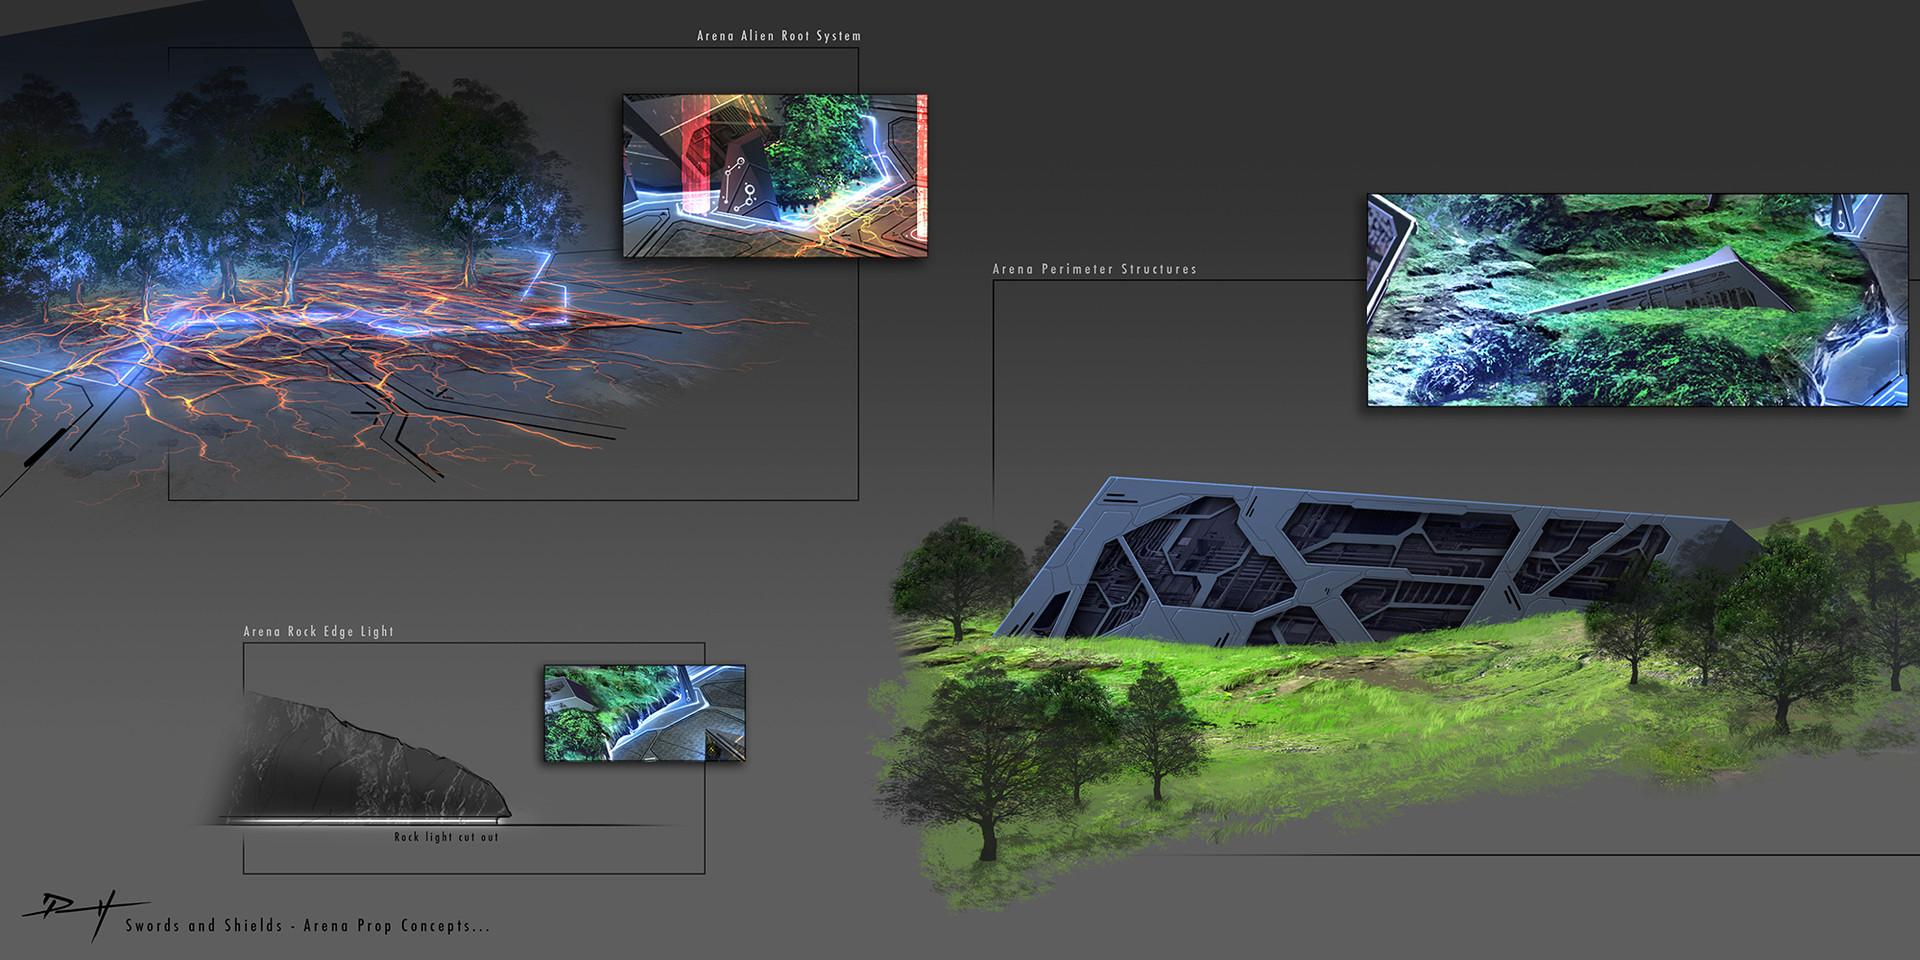 Daniel pellow arena detail concepts1 2000